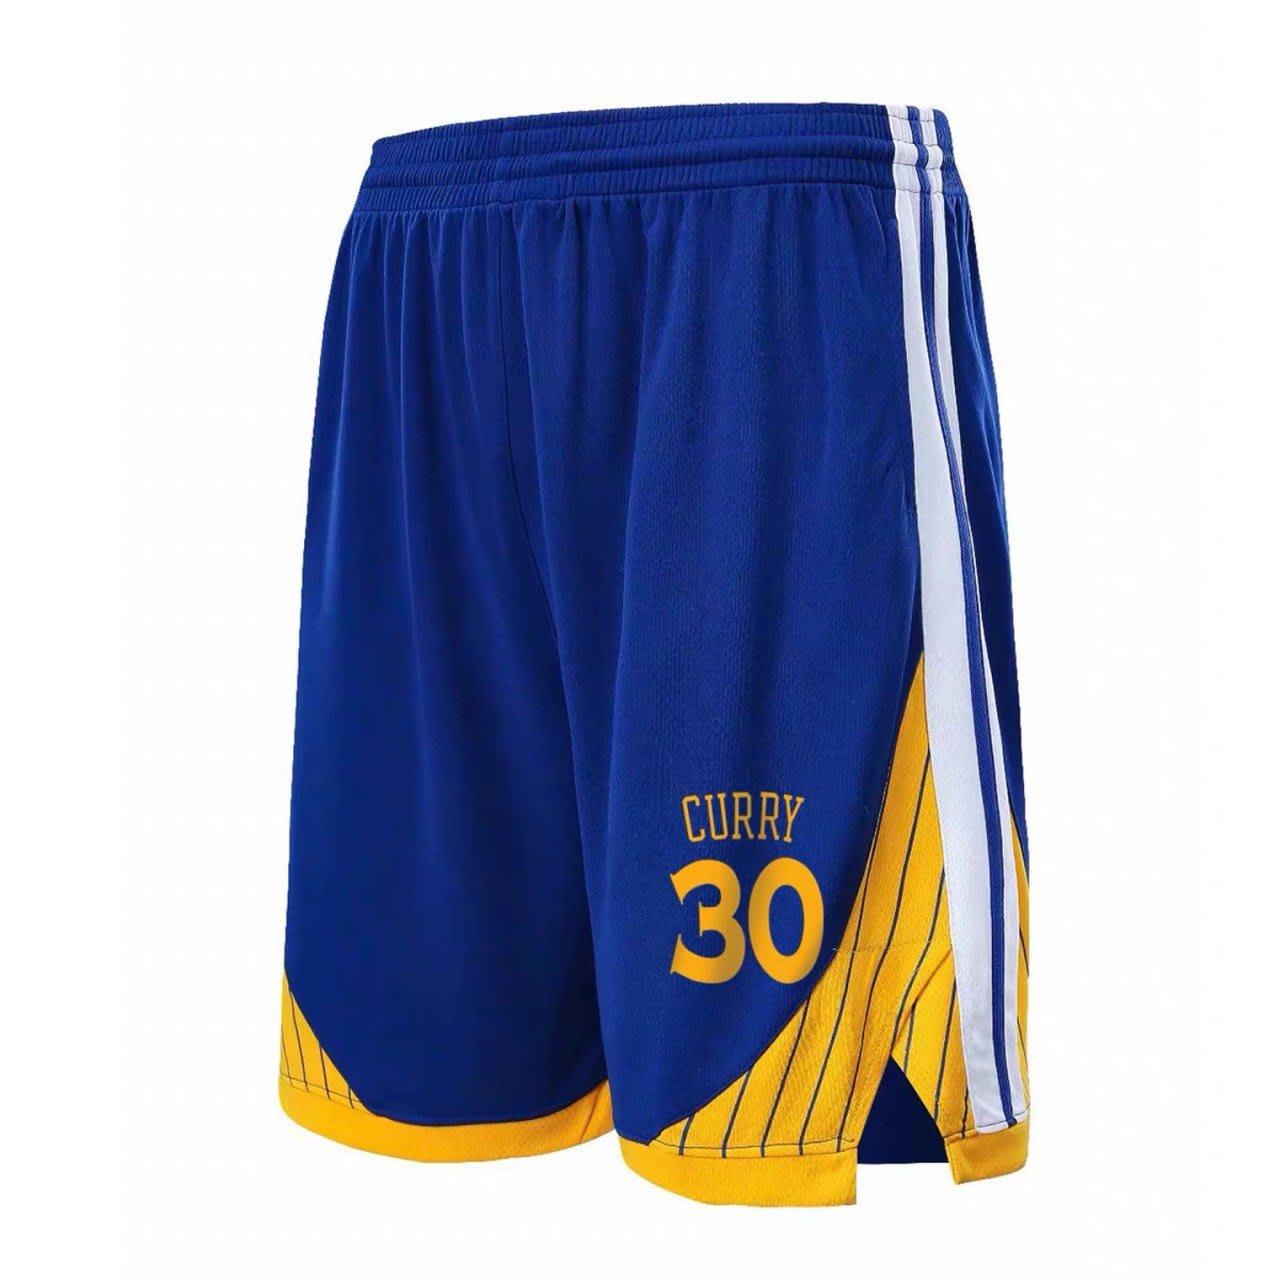 🏀柯瑞Stephen Curry庫里運動籃球短褲🏀NBA球衣勇士隊Adidas愛迪達健身訓練慢跑五分純棉褲子男381